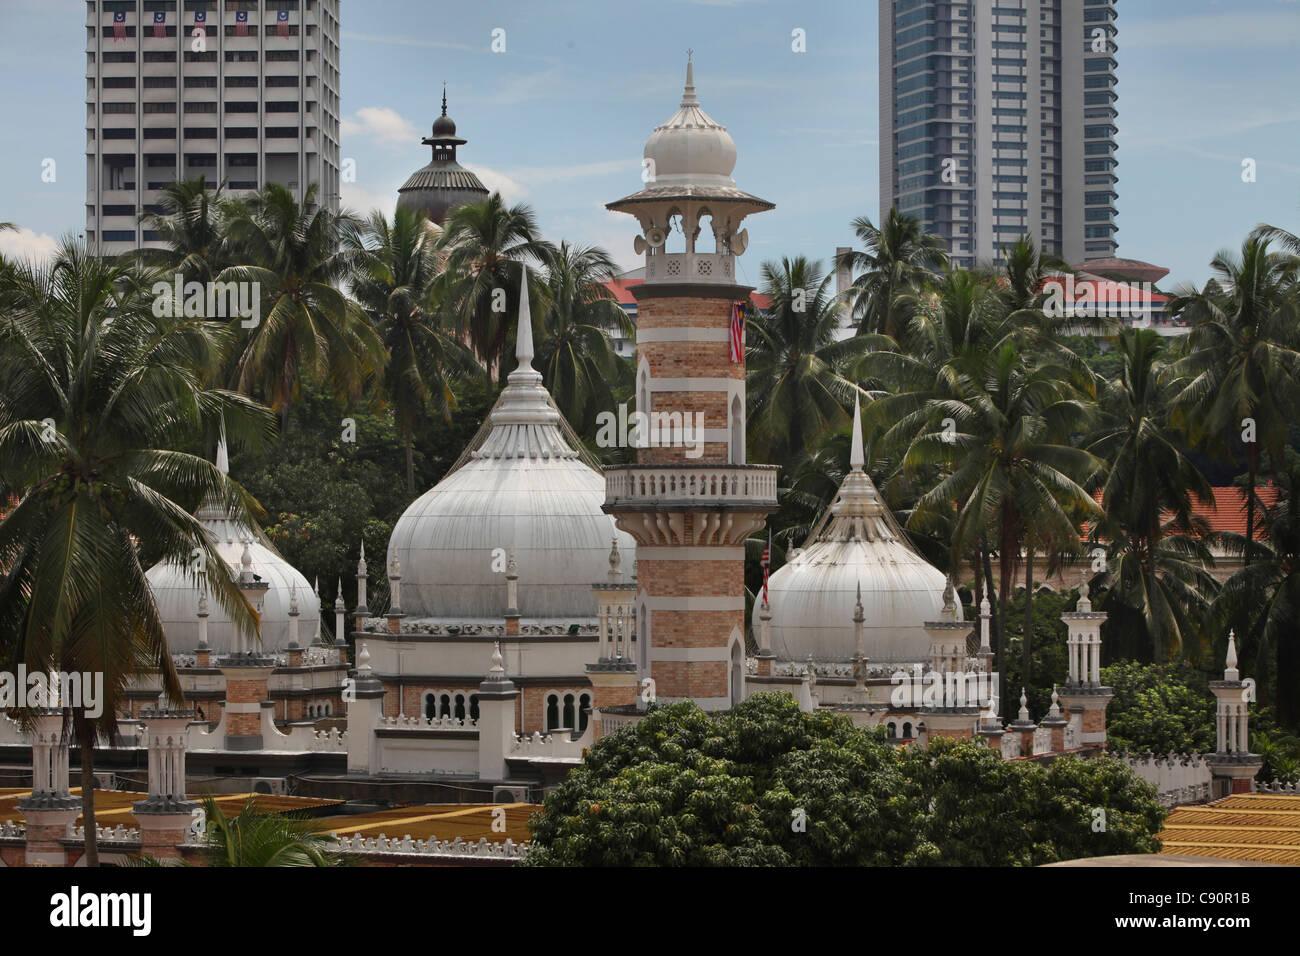 Mosque Masjid Jamek in Kuala lumpur, Kuala Lumpur, Malaysia, Asia - Stock Image